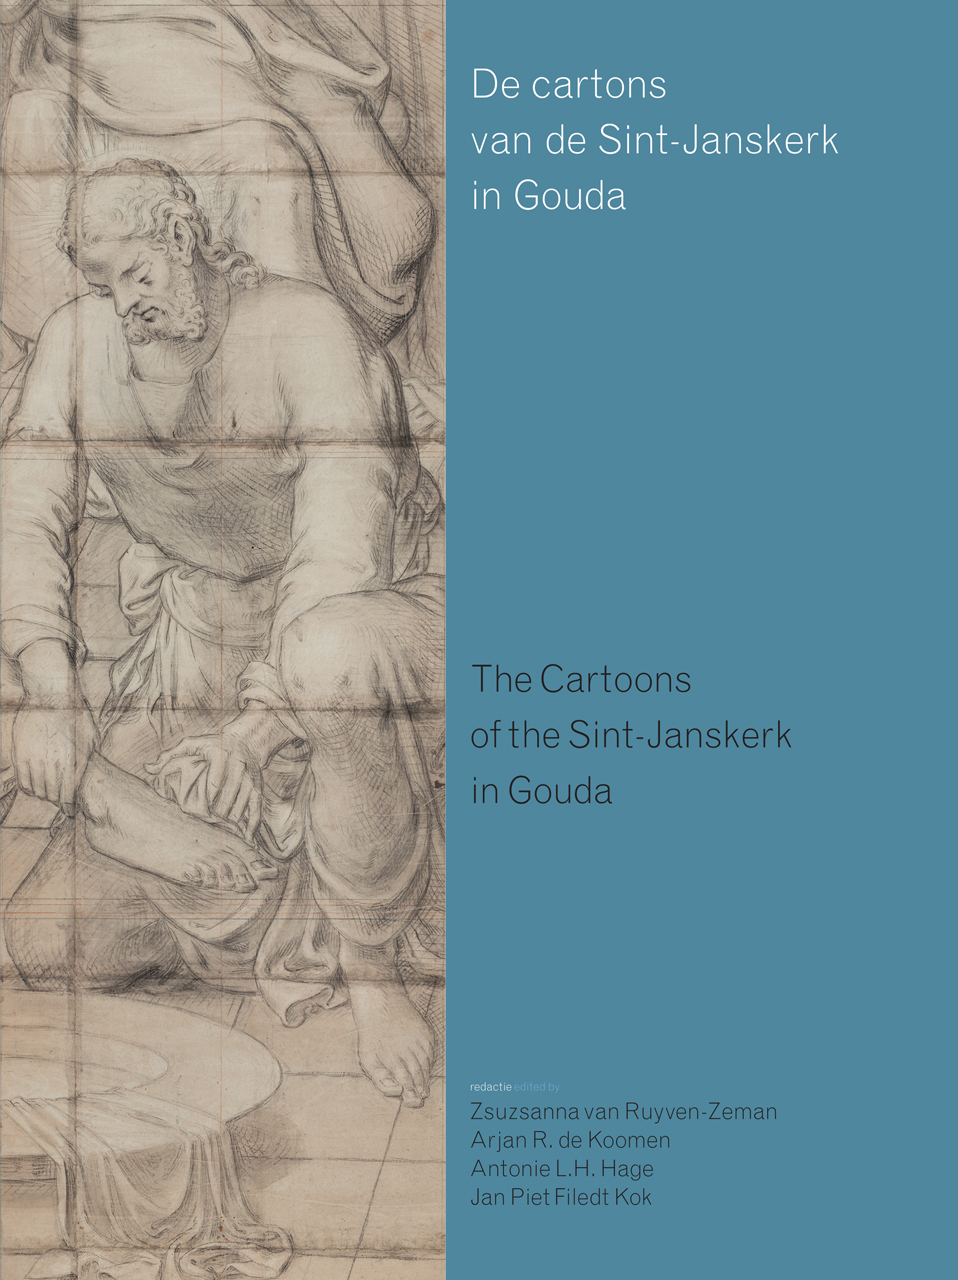 Cartoons of the Sint-Janskerk in Gouda